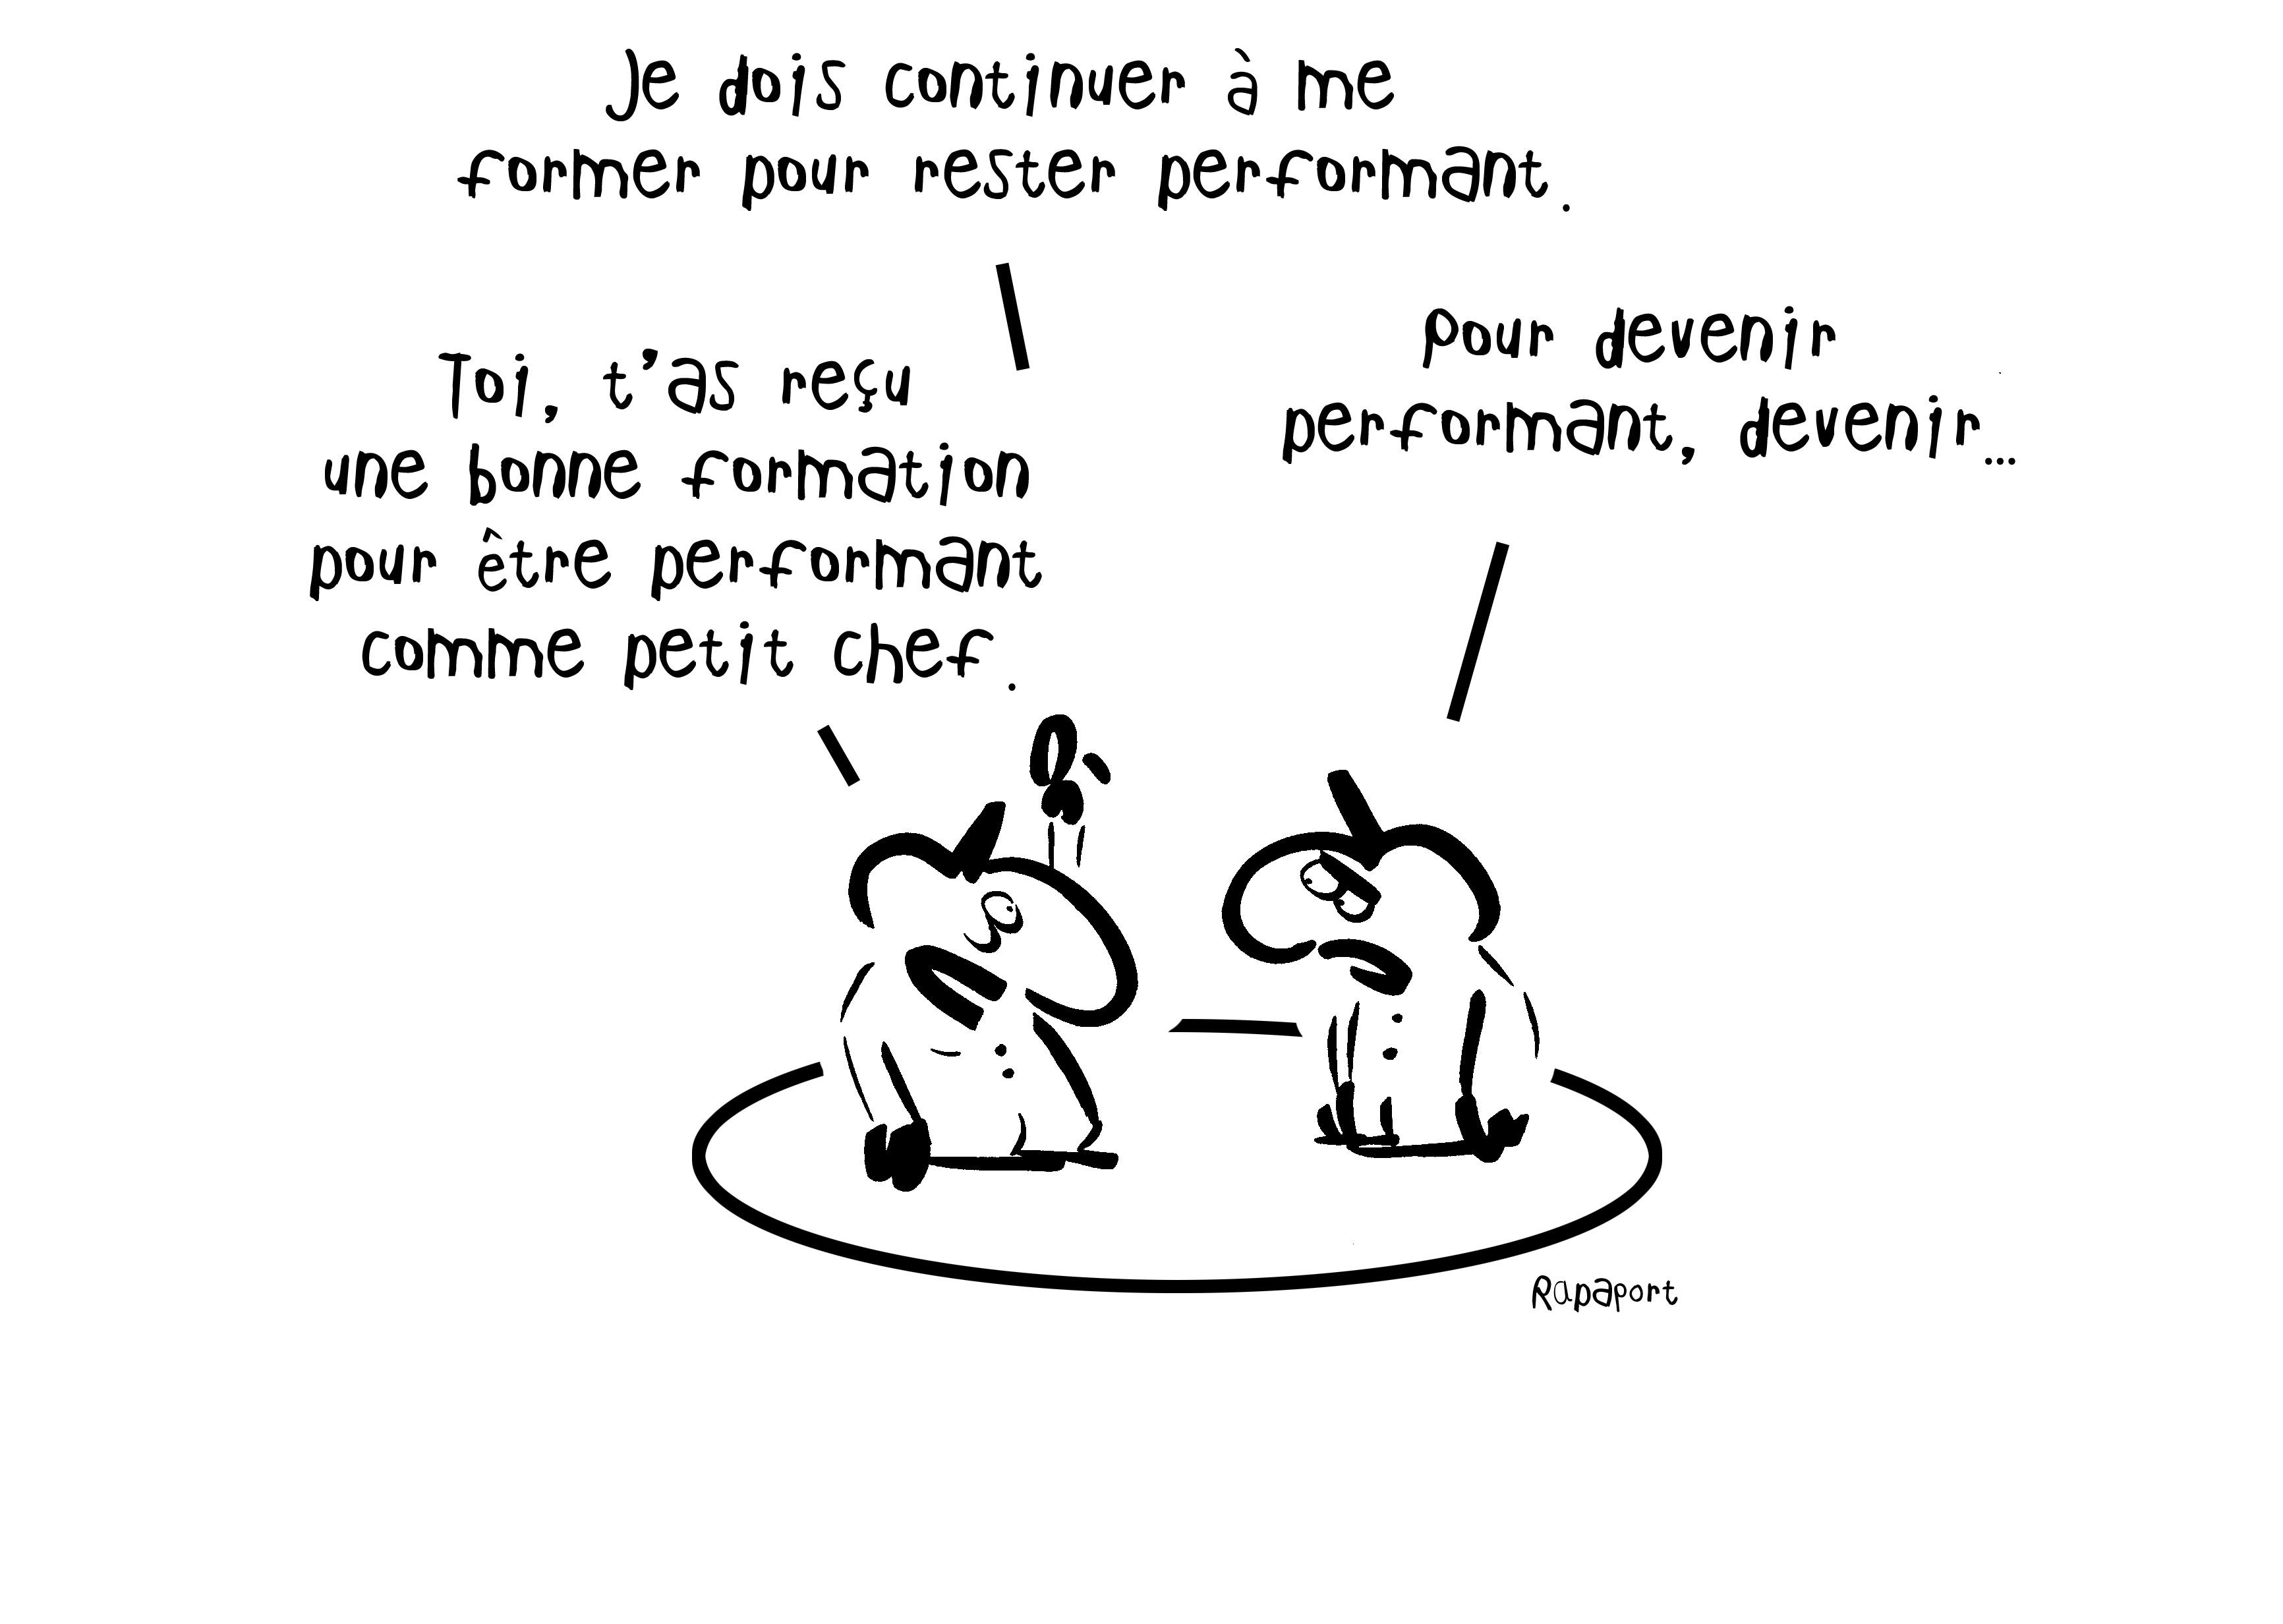 RAPAPORT DESSINS:BAROMÈTRE ENTREPRISE78